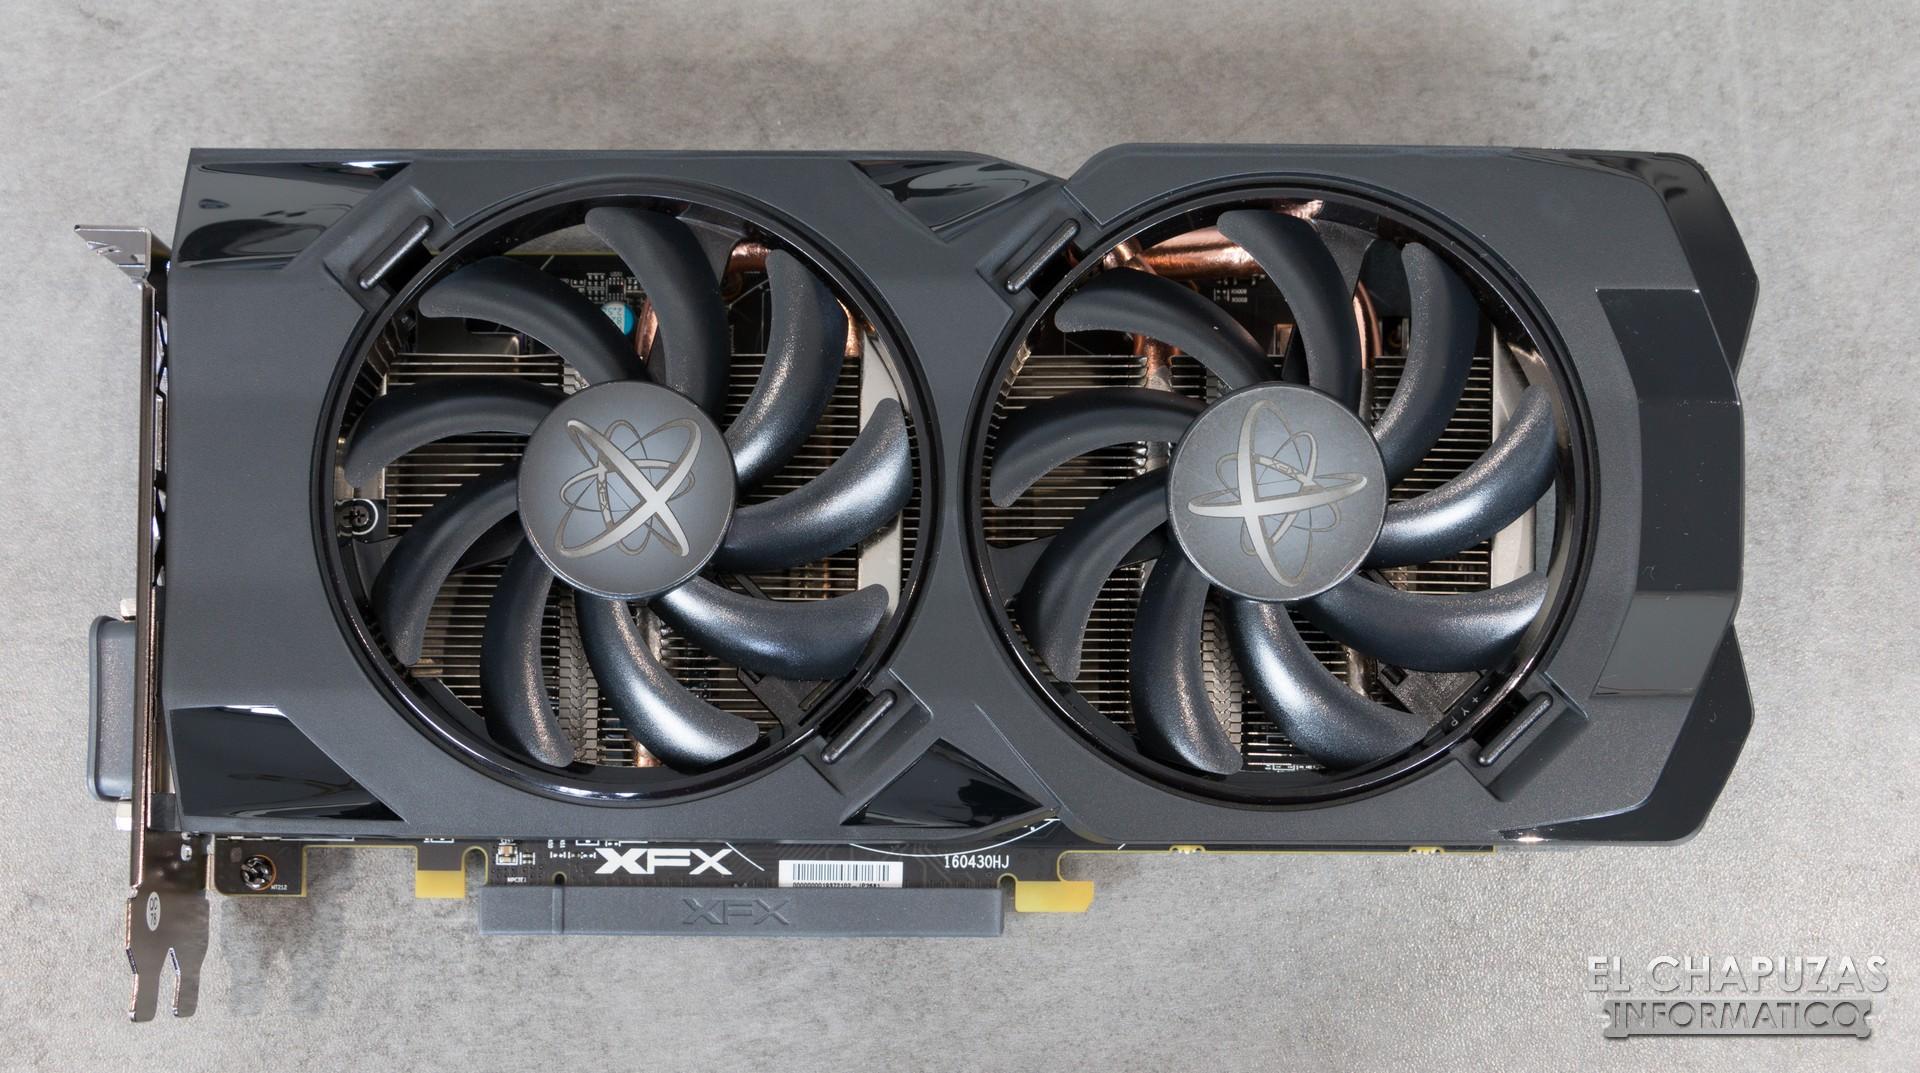 [Finalizado] Sorteamos una XFX Radeon RX 470 RS 4GB